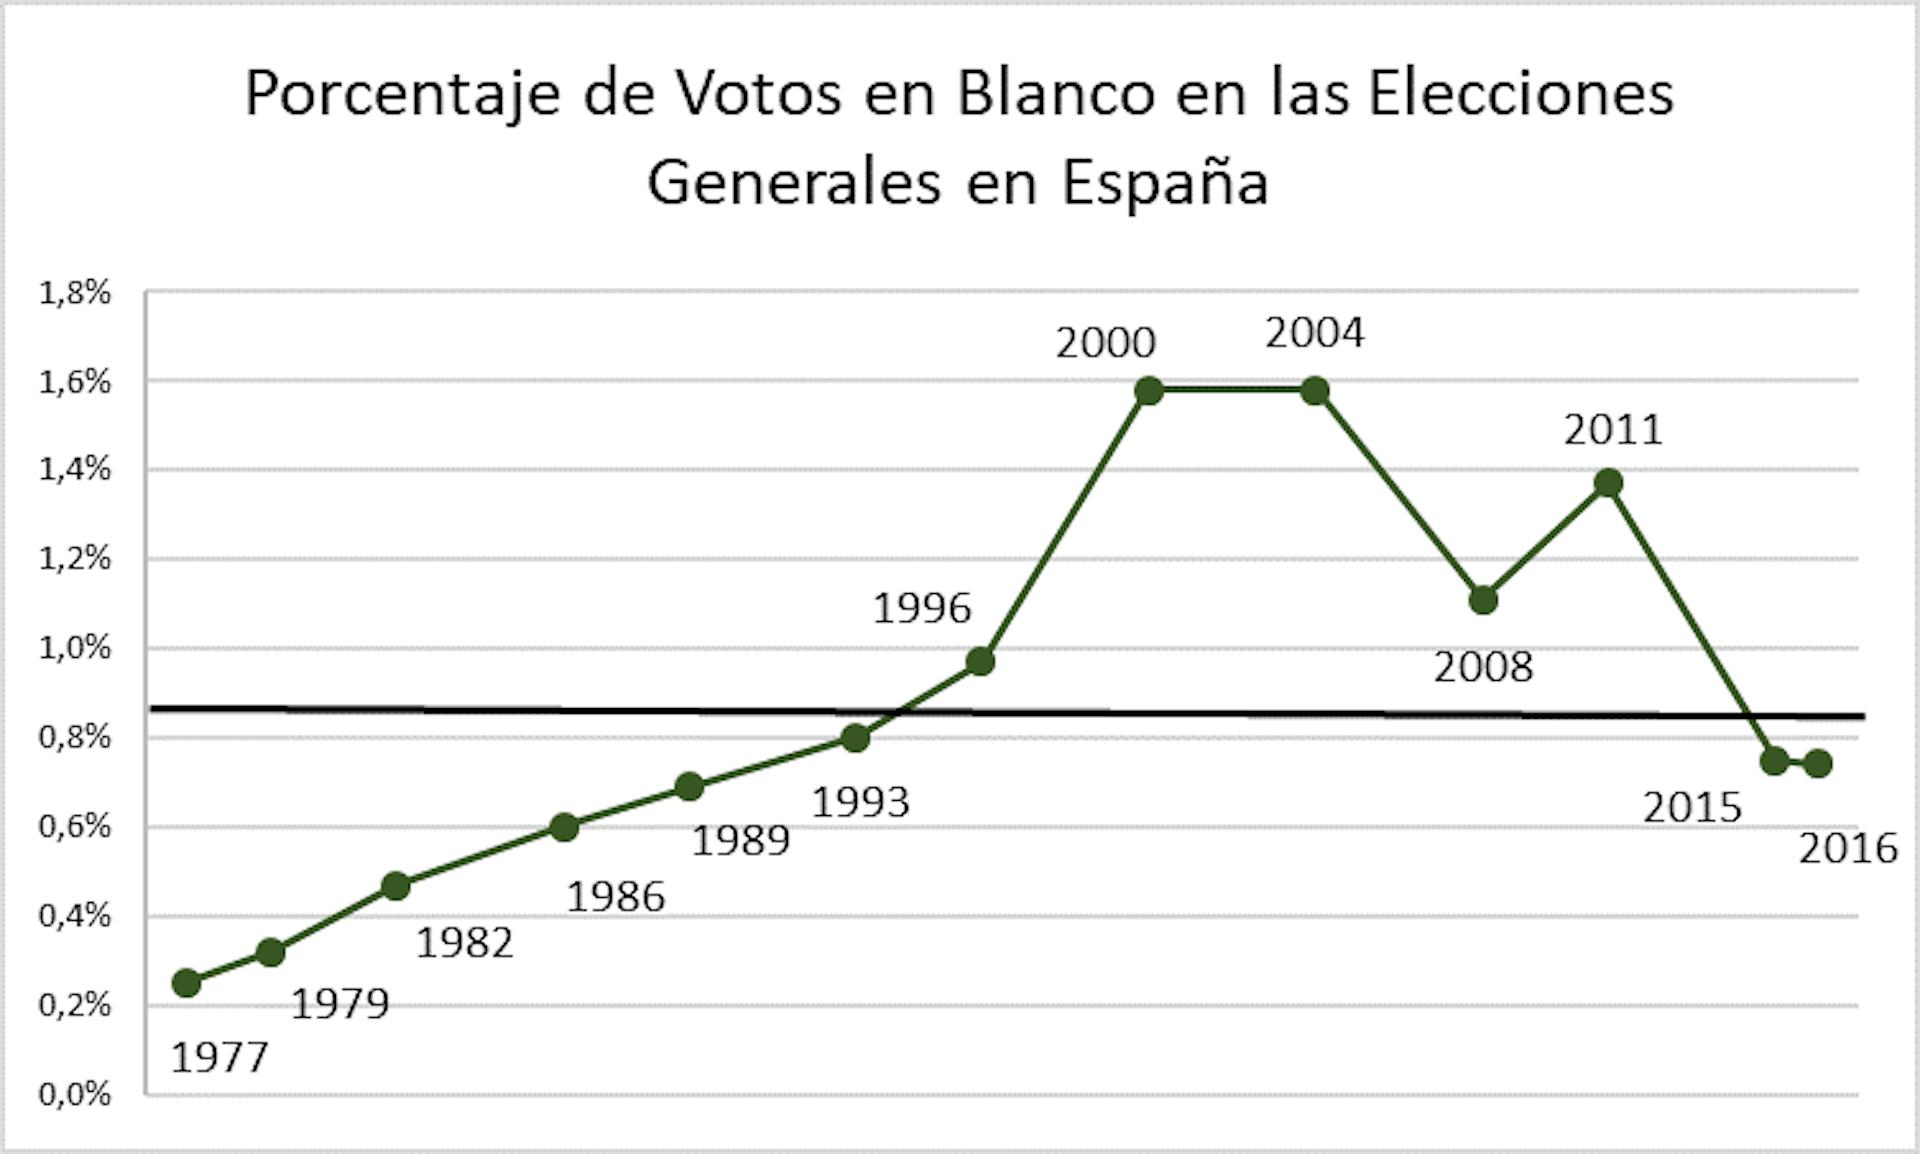 Figura 3.Elaboración propia a partir de Las Elecciones Generales en España 1977-2016